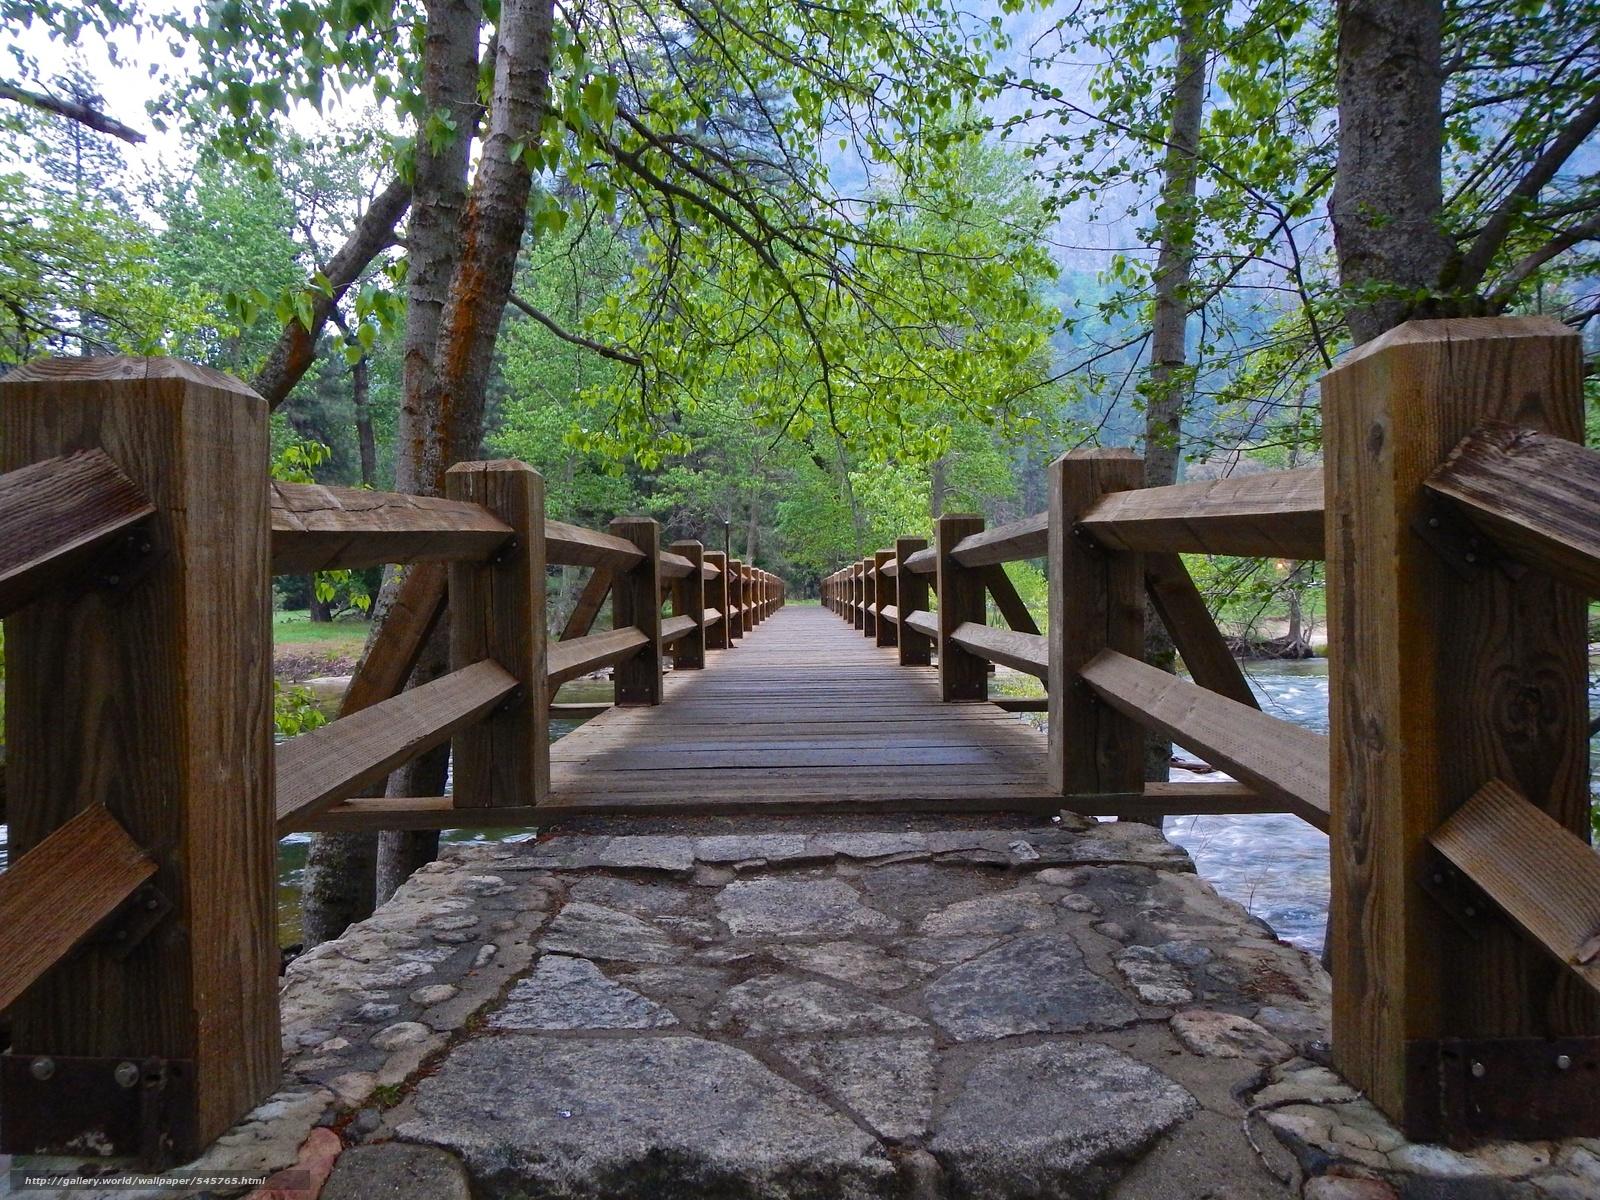 Tlcharger Fond d'ecran Parc national de Yosemite,  rivière,  pont,  arbres Fonds d'ecran gratuits pour votre rsolution du bureau 2304x1728 — image №545765